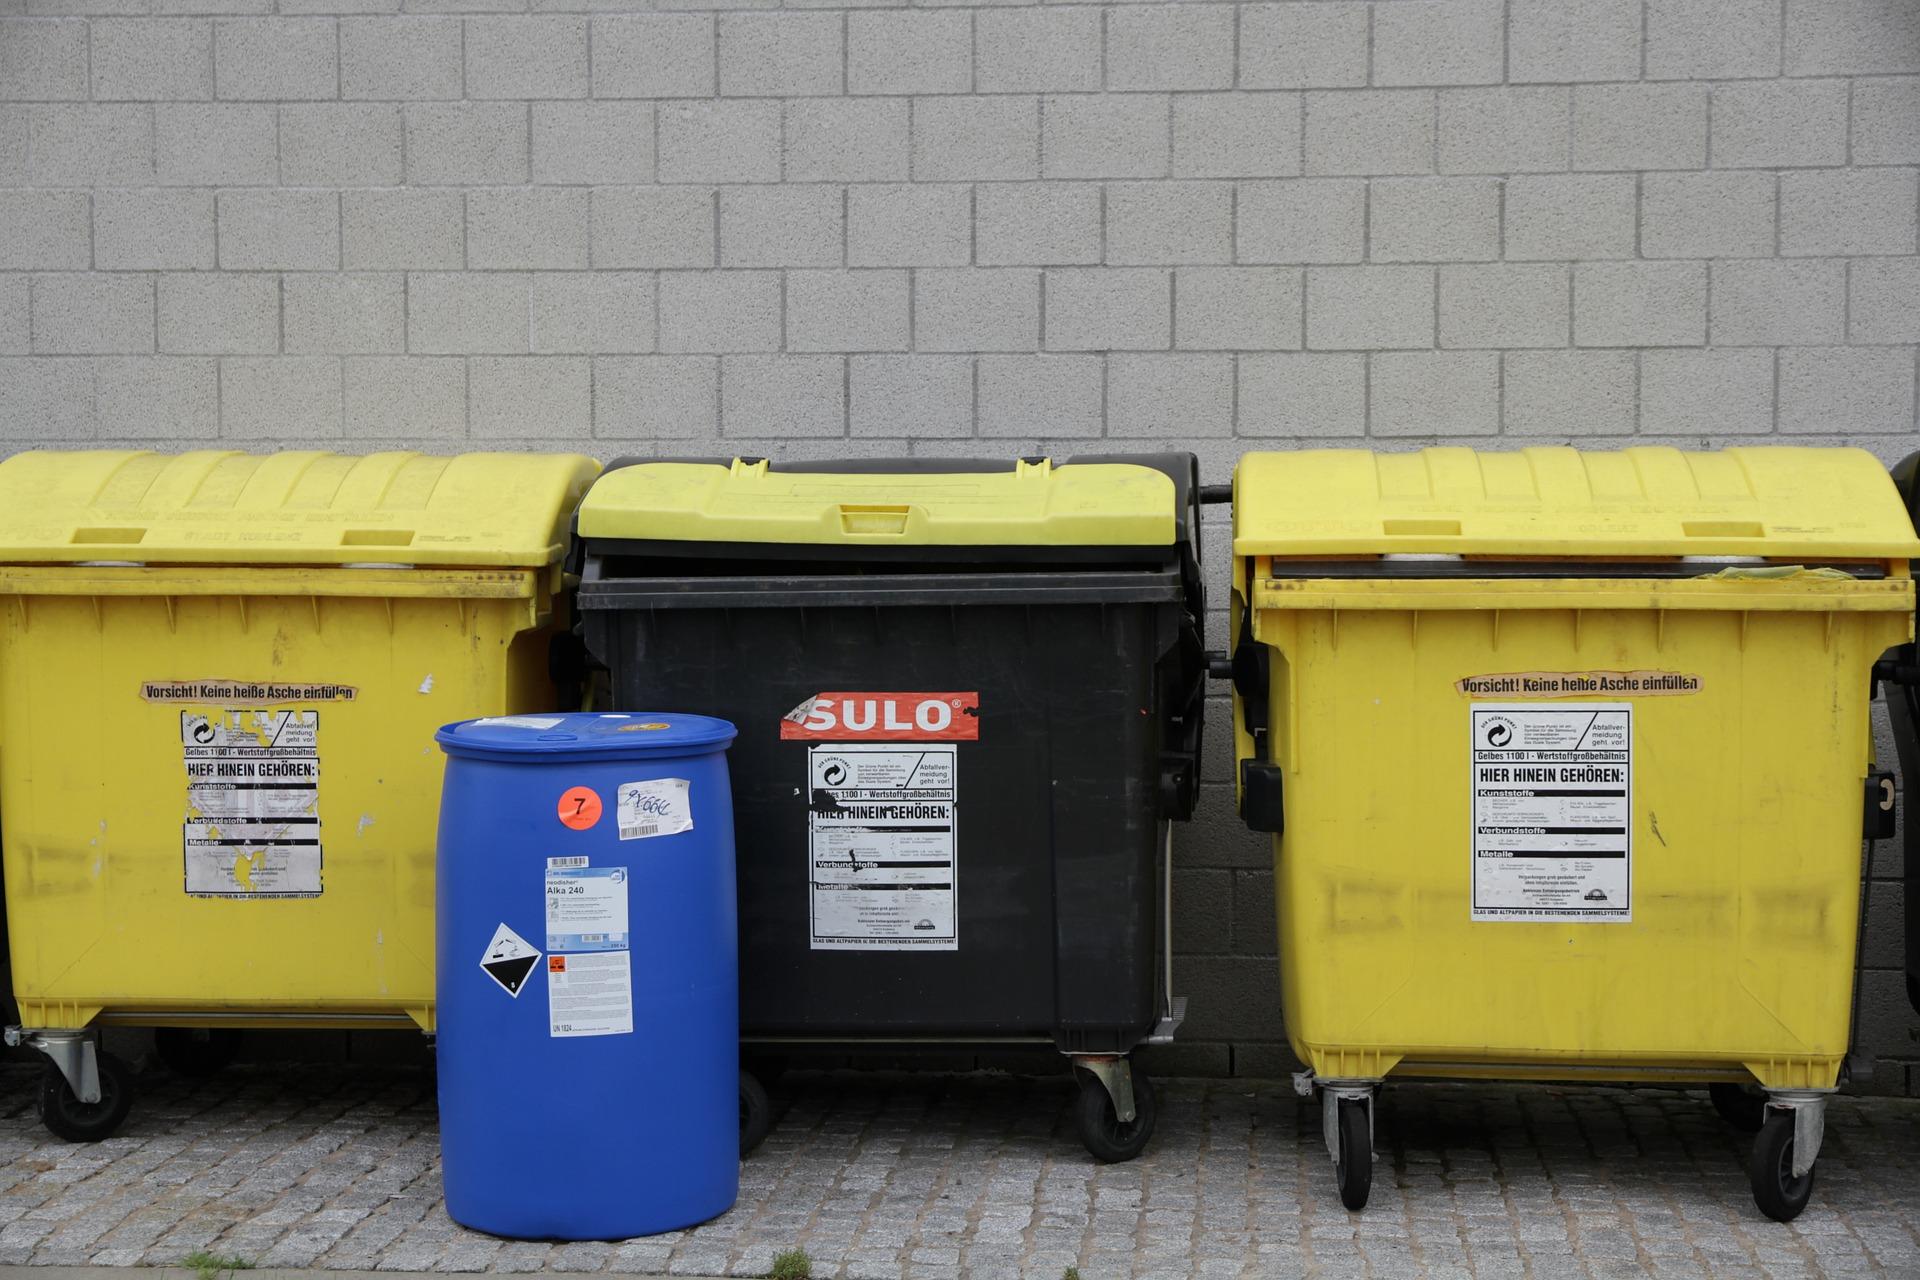 Pojemniki na odpady otwierane nogą – jest odpowiedź władz miasta